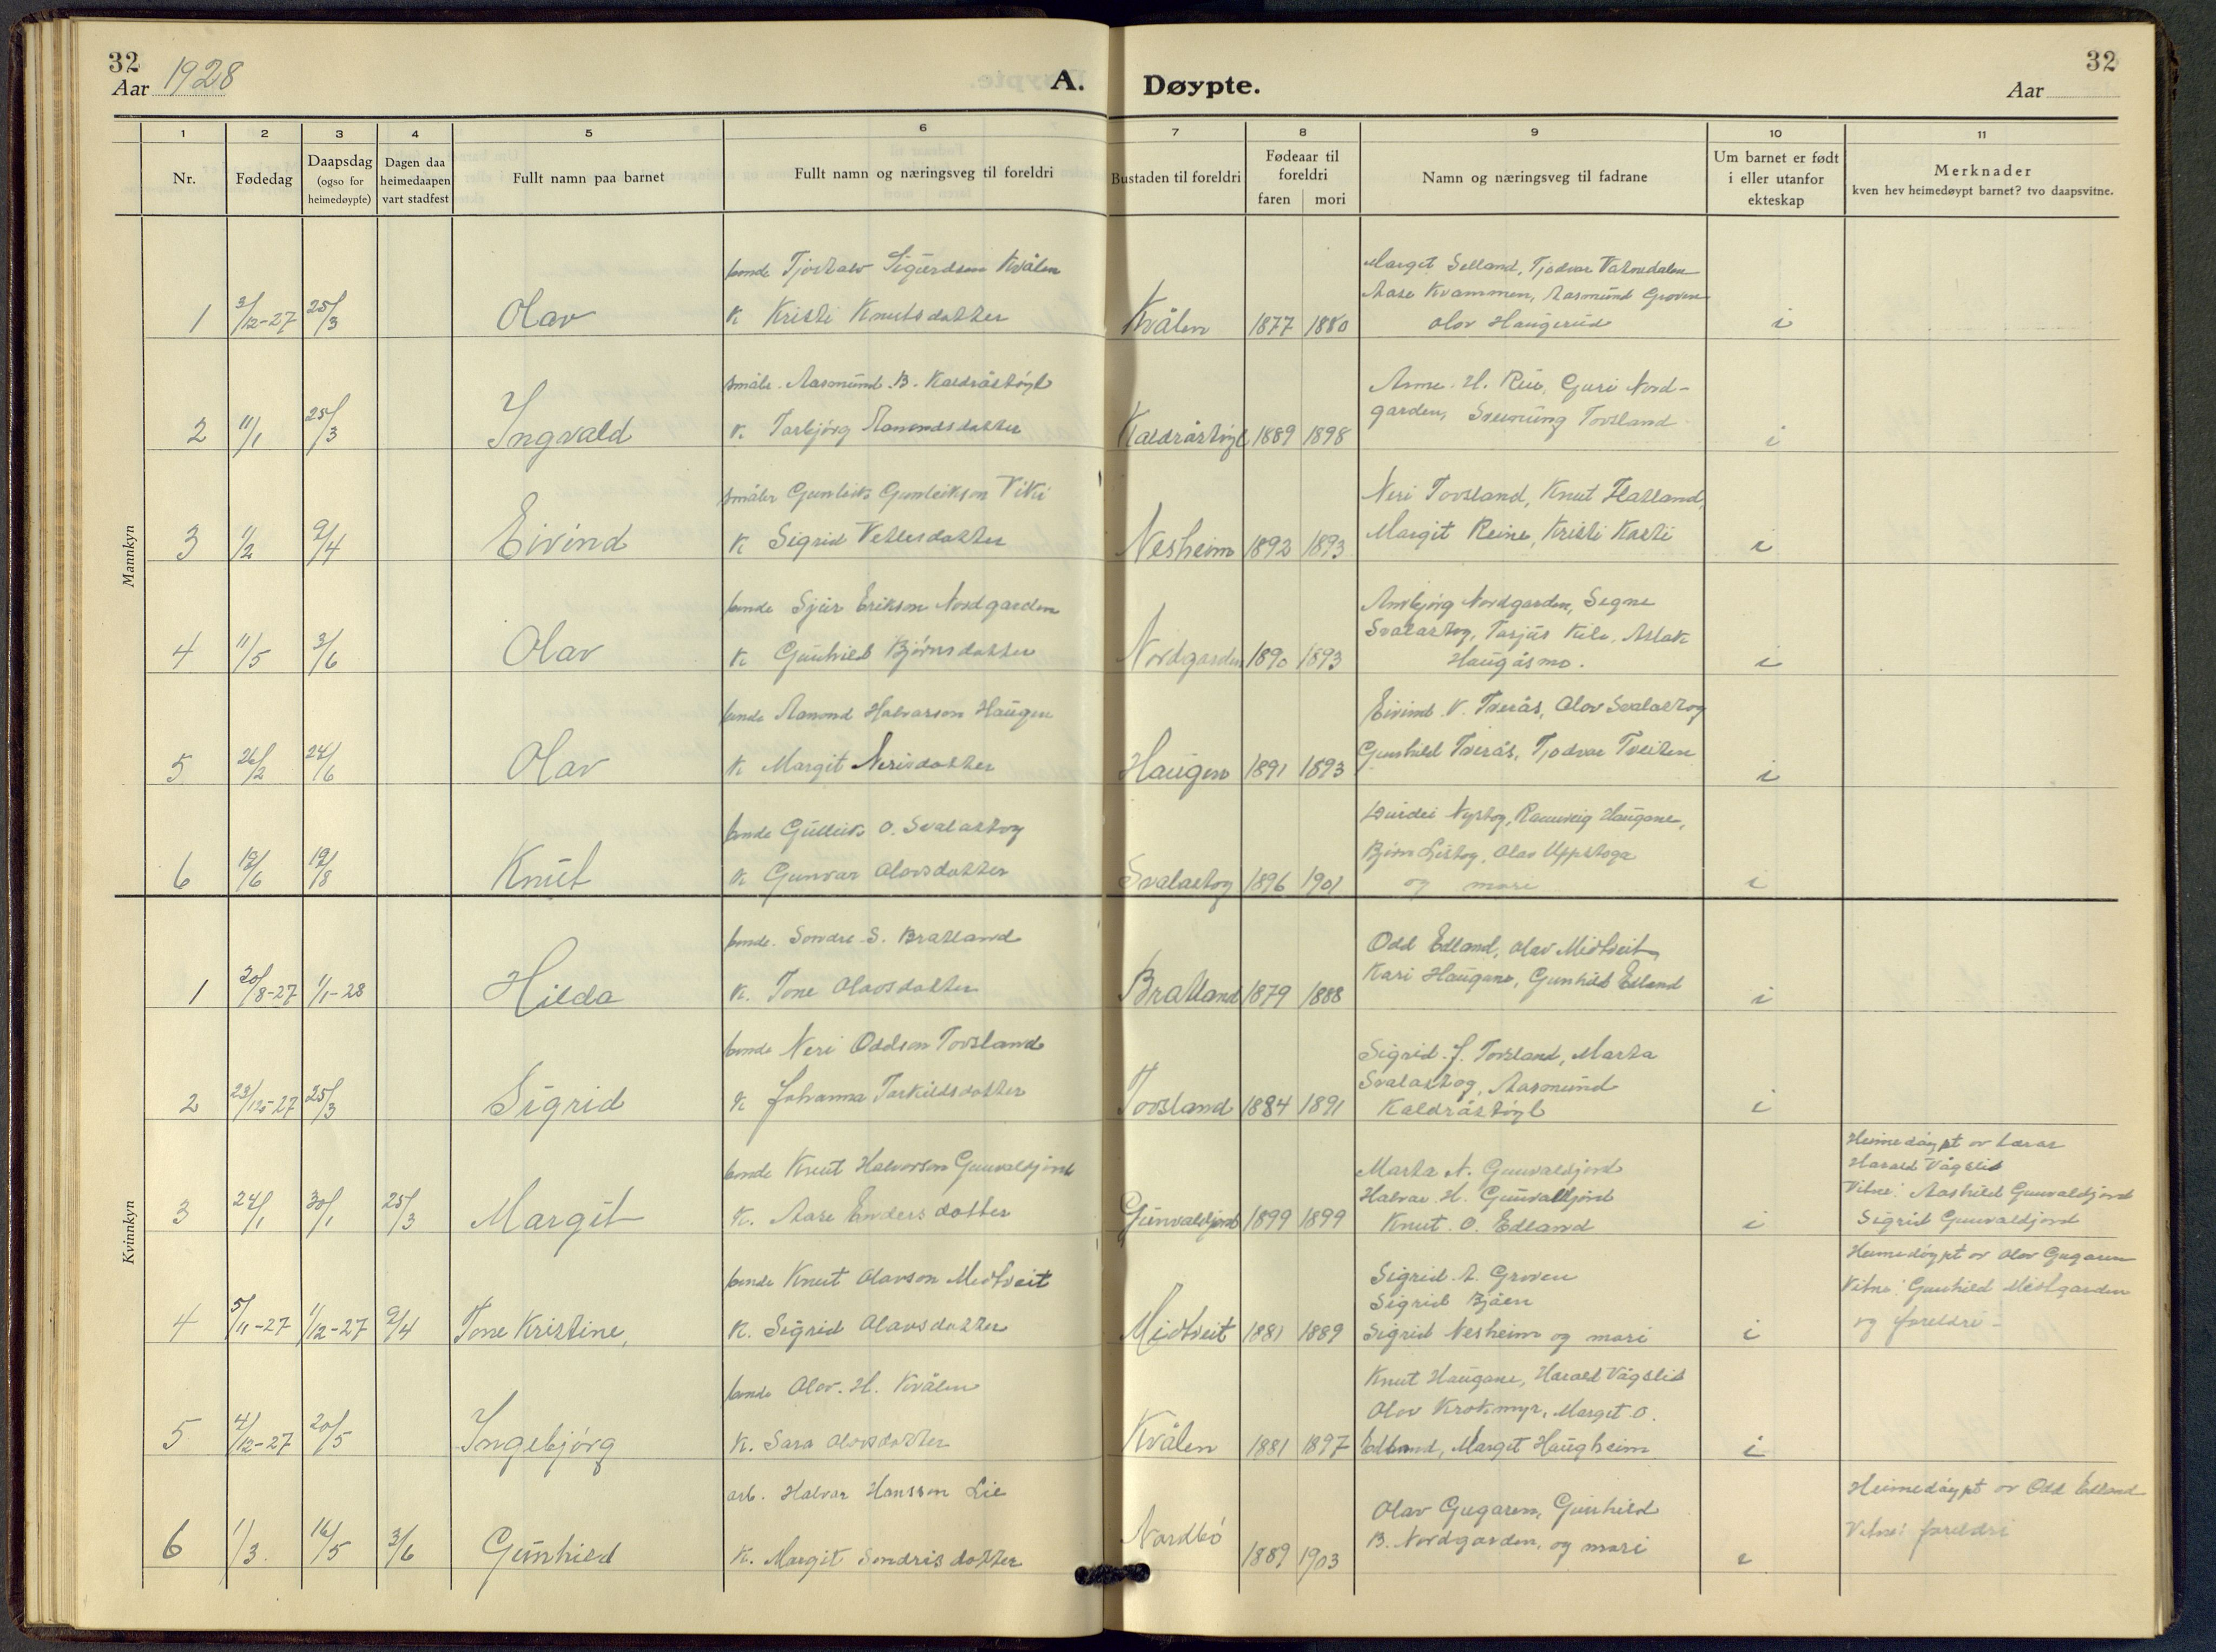 SAKO, Vinje kirkebøker, F/Fc/L0001: Ministerialbok nr. III 1, 1921-1943, s. 32